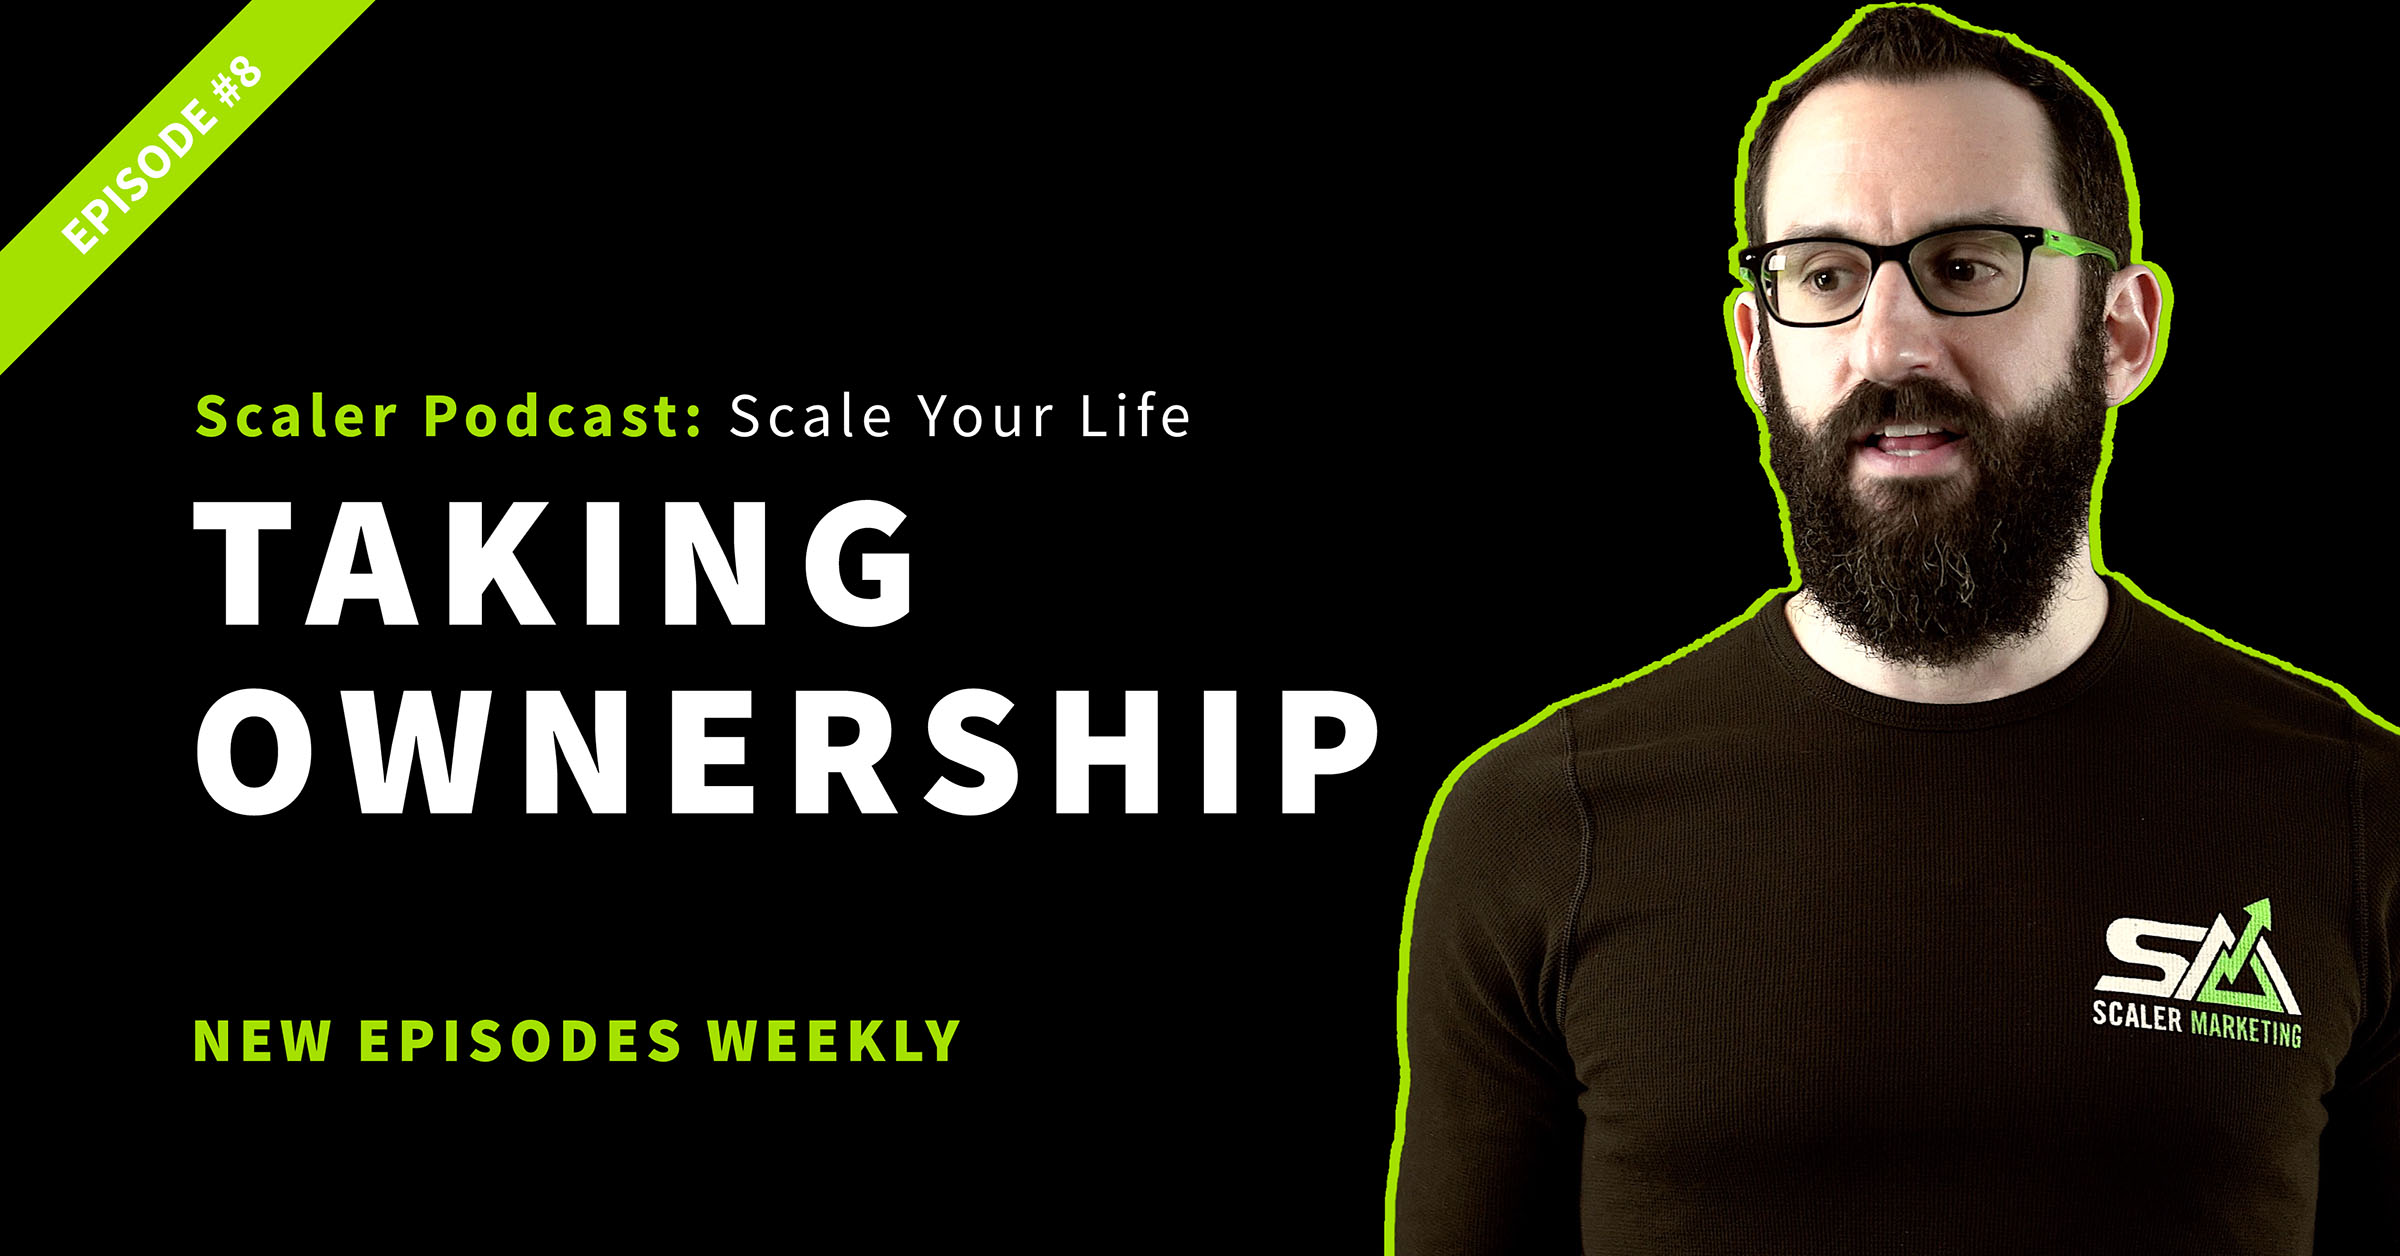 Episode 8 - Taking Ownership